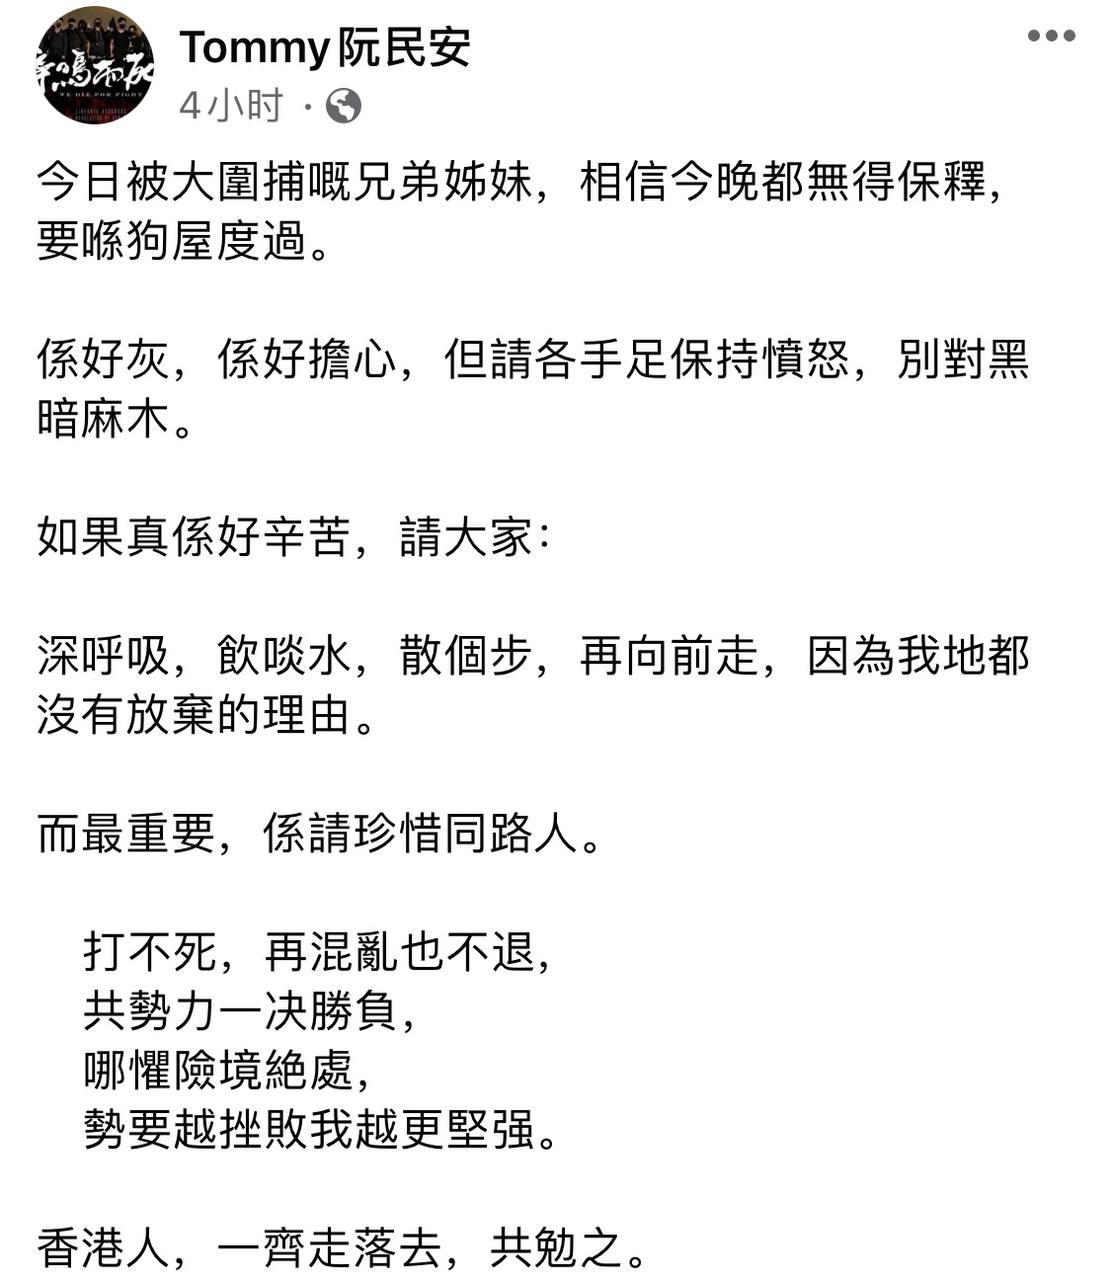 2021年1月6日,阮民安在脸书上对香港警方大逮捕事件的回应中,引用了《手足》的歌词。(来自阮民安脸书)